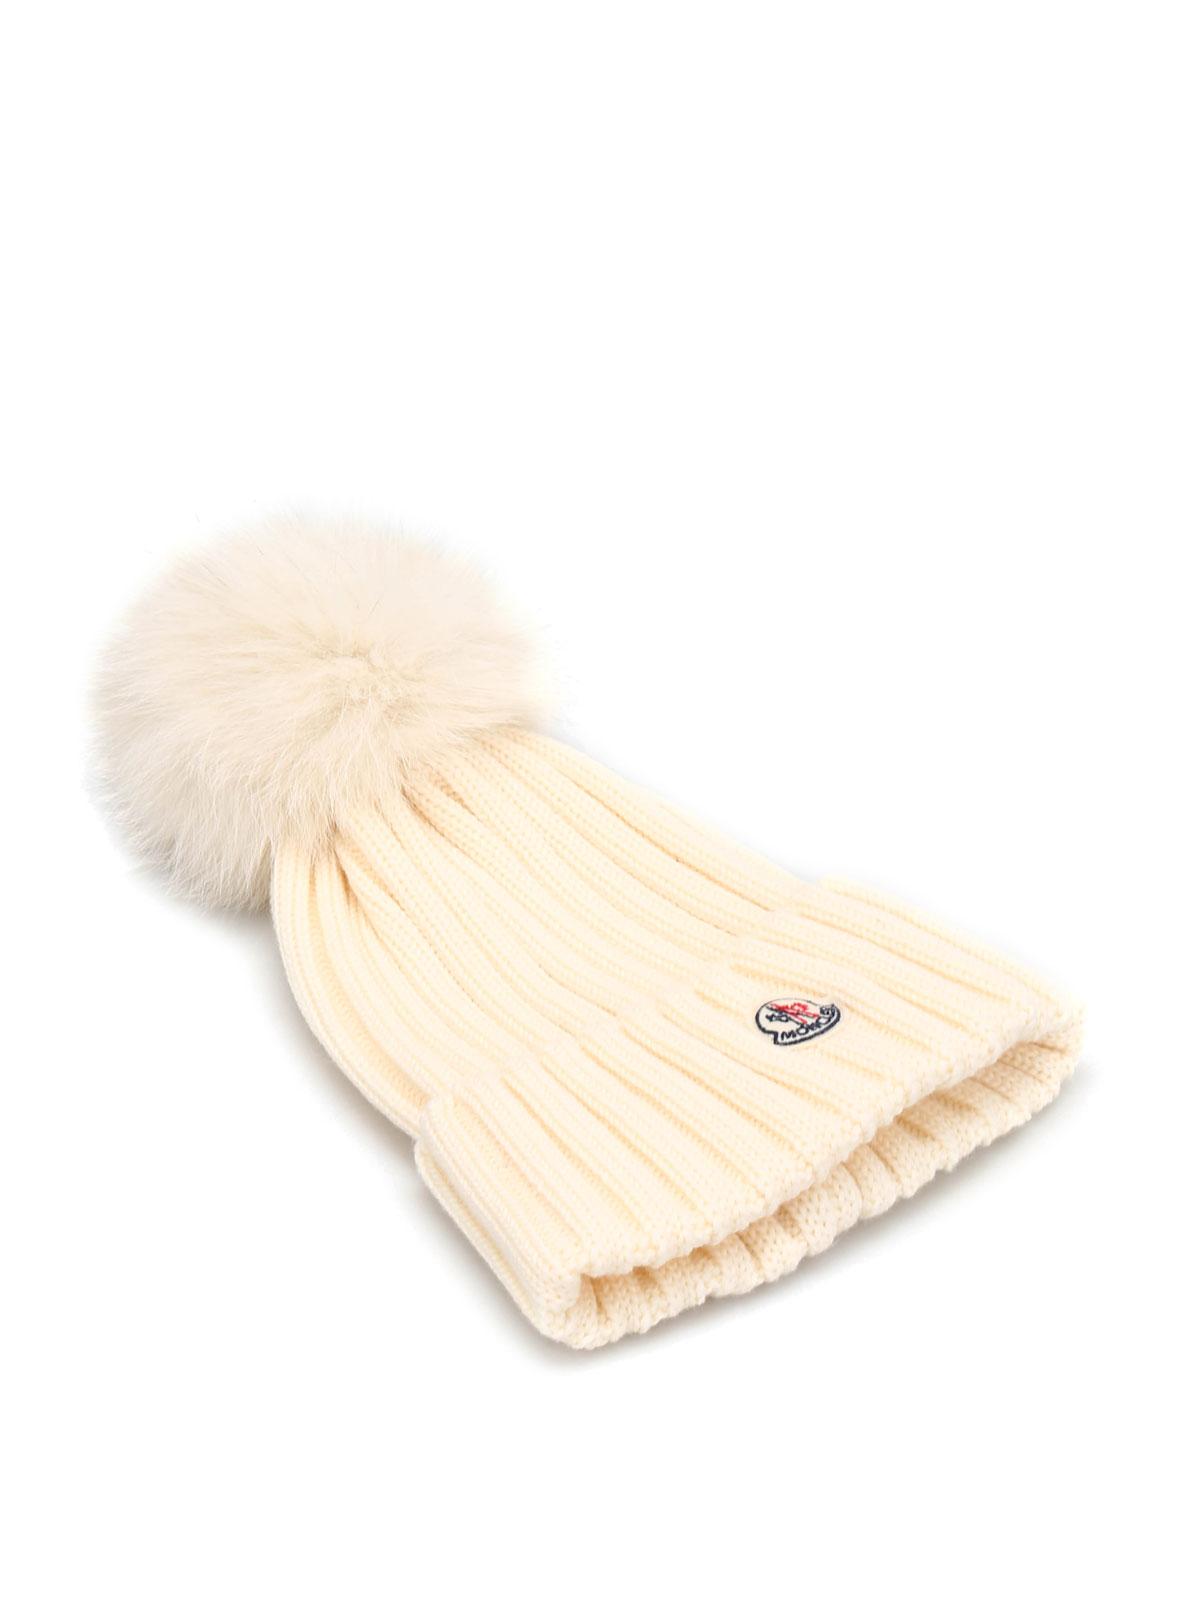 Moncler Bonnet Blanc Pour Femme Bonnets B2 093 0021900